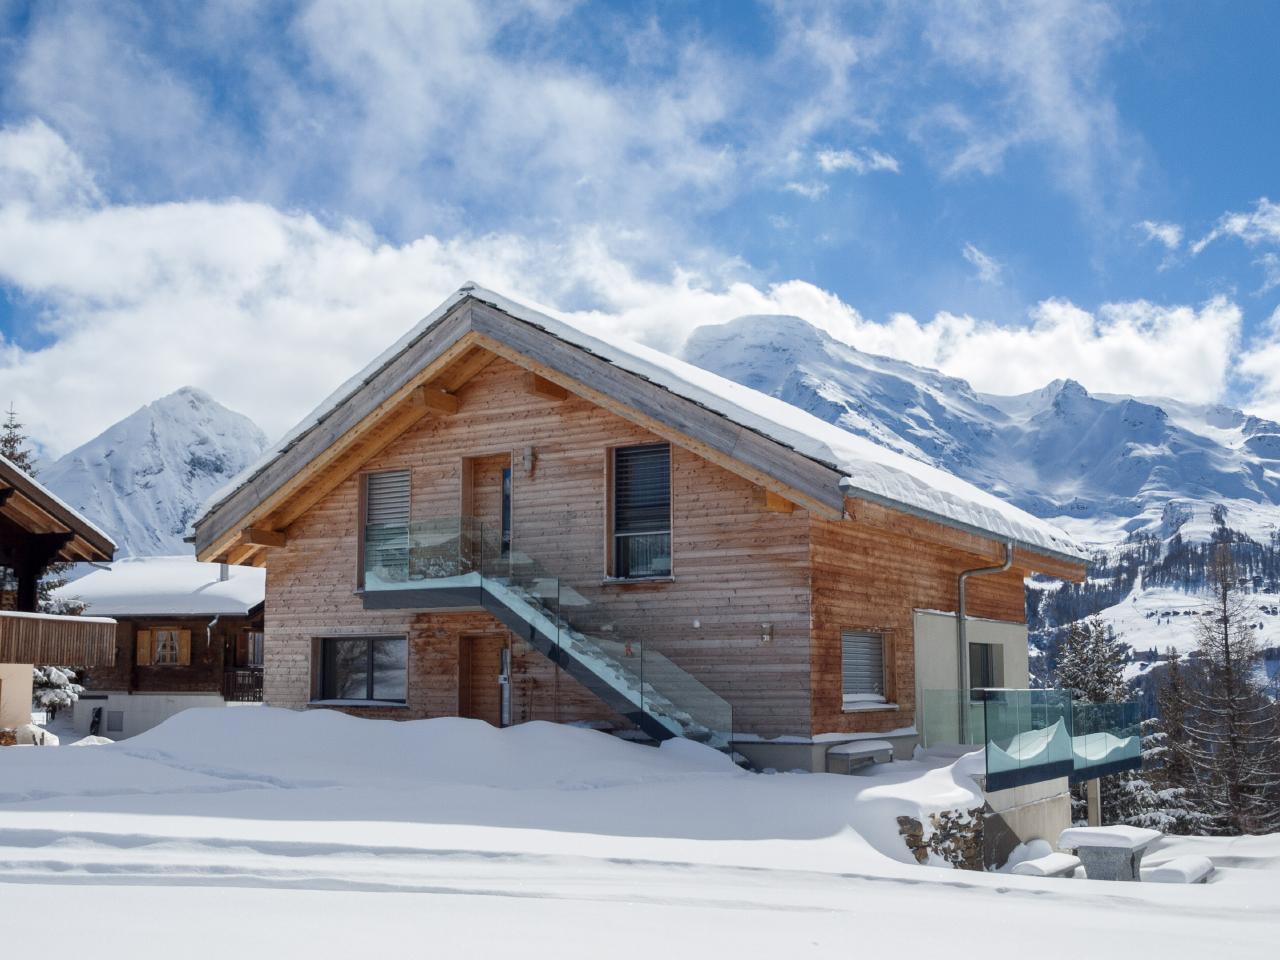 Ferienwohnung Chalet Avista moderne Ferienwohnung auf Rosswald im Wallis (2296310), Rosswald, Brig - Simplon, Wallis, Schweiz, Bild 1